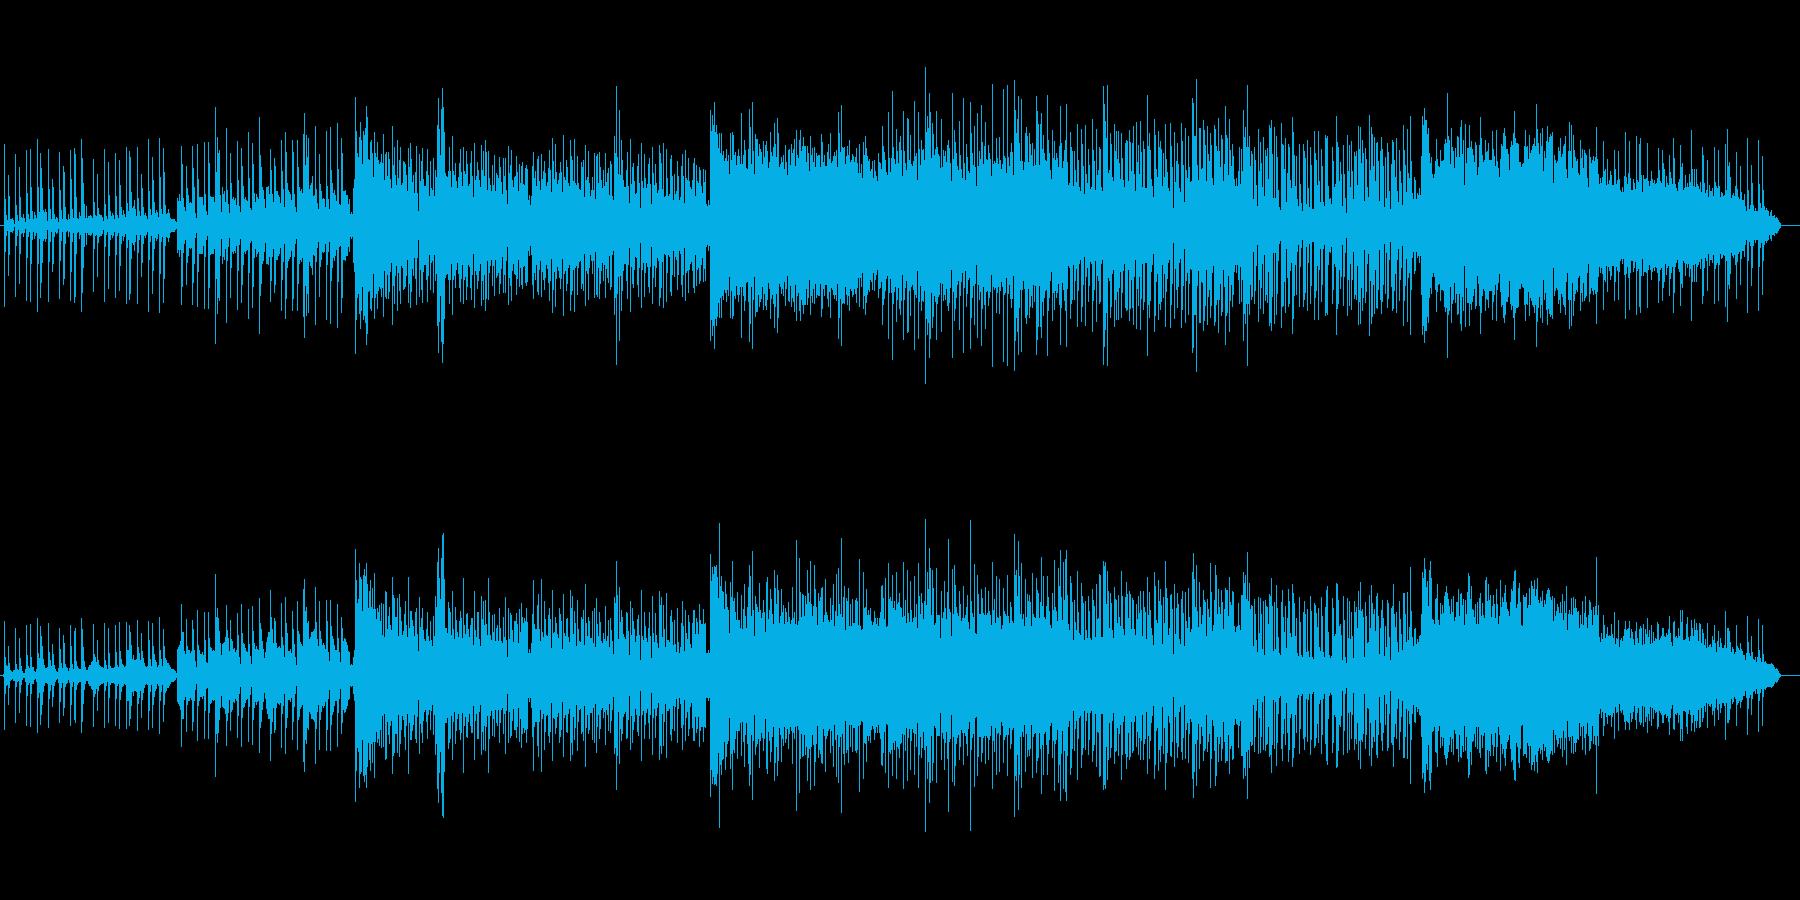 アシッドな雰囲気のシネマティックBGMの再生済みの波形